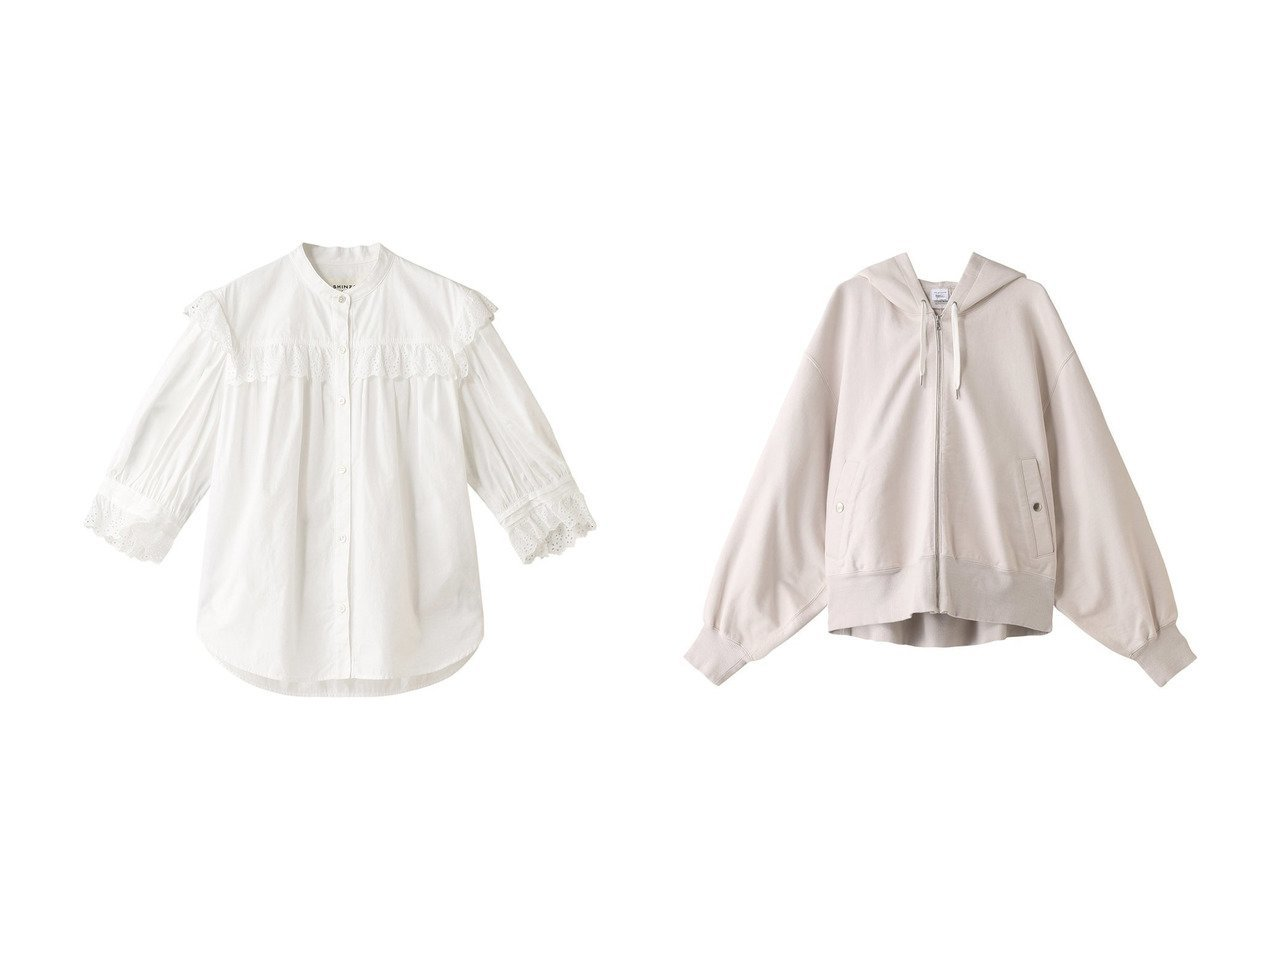 【Shinzone/シンゾーン】のコットンフリルブラウス&プレンティーコットンフーディー トップス・カットソーのおすすめ!人気、トレンド・レディースファッションの通販 おすすめで人気の流行・トレンド、ファッションの通販商品 メンズファッション・キッズファッション・インテリア・家具・レディースファッション・服の通販 founy(ファニー) https://founy.com/ ファッション Fashion レディースファッション WOMEN トップス Tops Tshirt シャツ/ブラウス Shirts Blouses パーカ Sweats ロング / Tシャツ T-Shirts スウェット Sweat カットソー Cut and Sewn 2021年 2021 2021 春夏 S/S SS Spring/Summer 2021 S/S 春夏 SS Spring/Summer シンプル パーカー リラックス 今季 春 Spring  ID:crp329100000013494